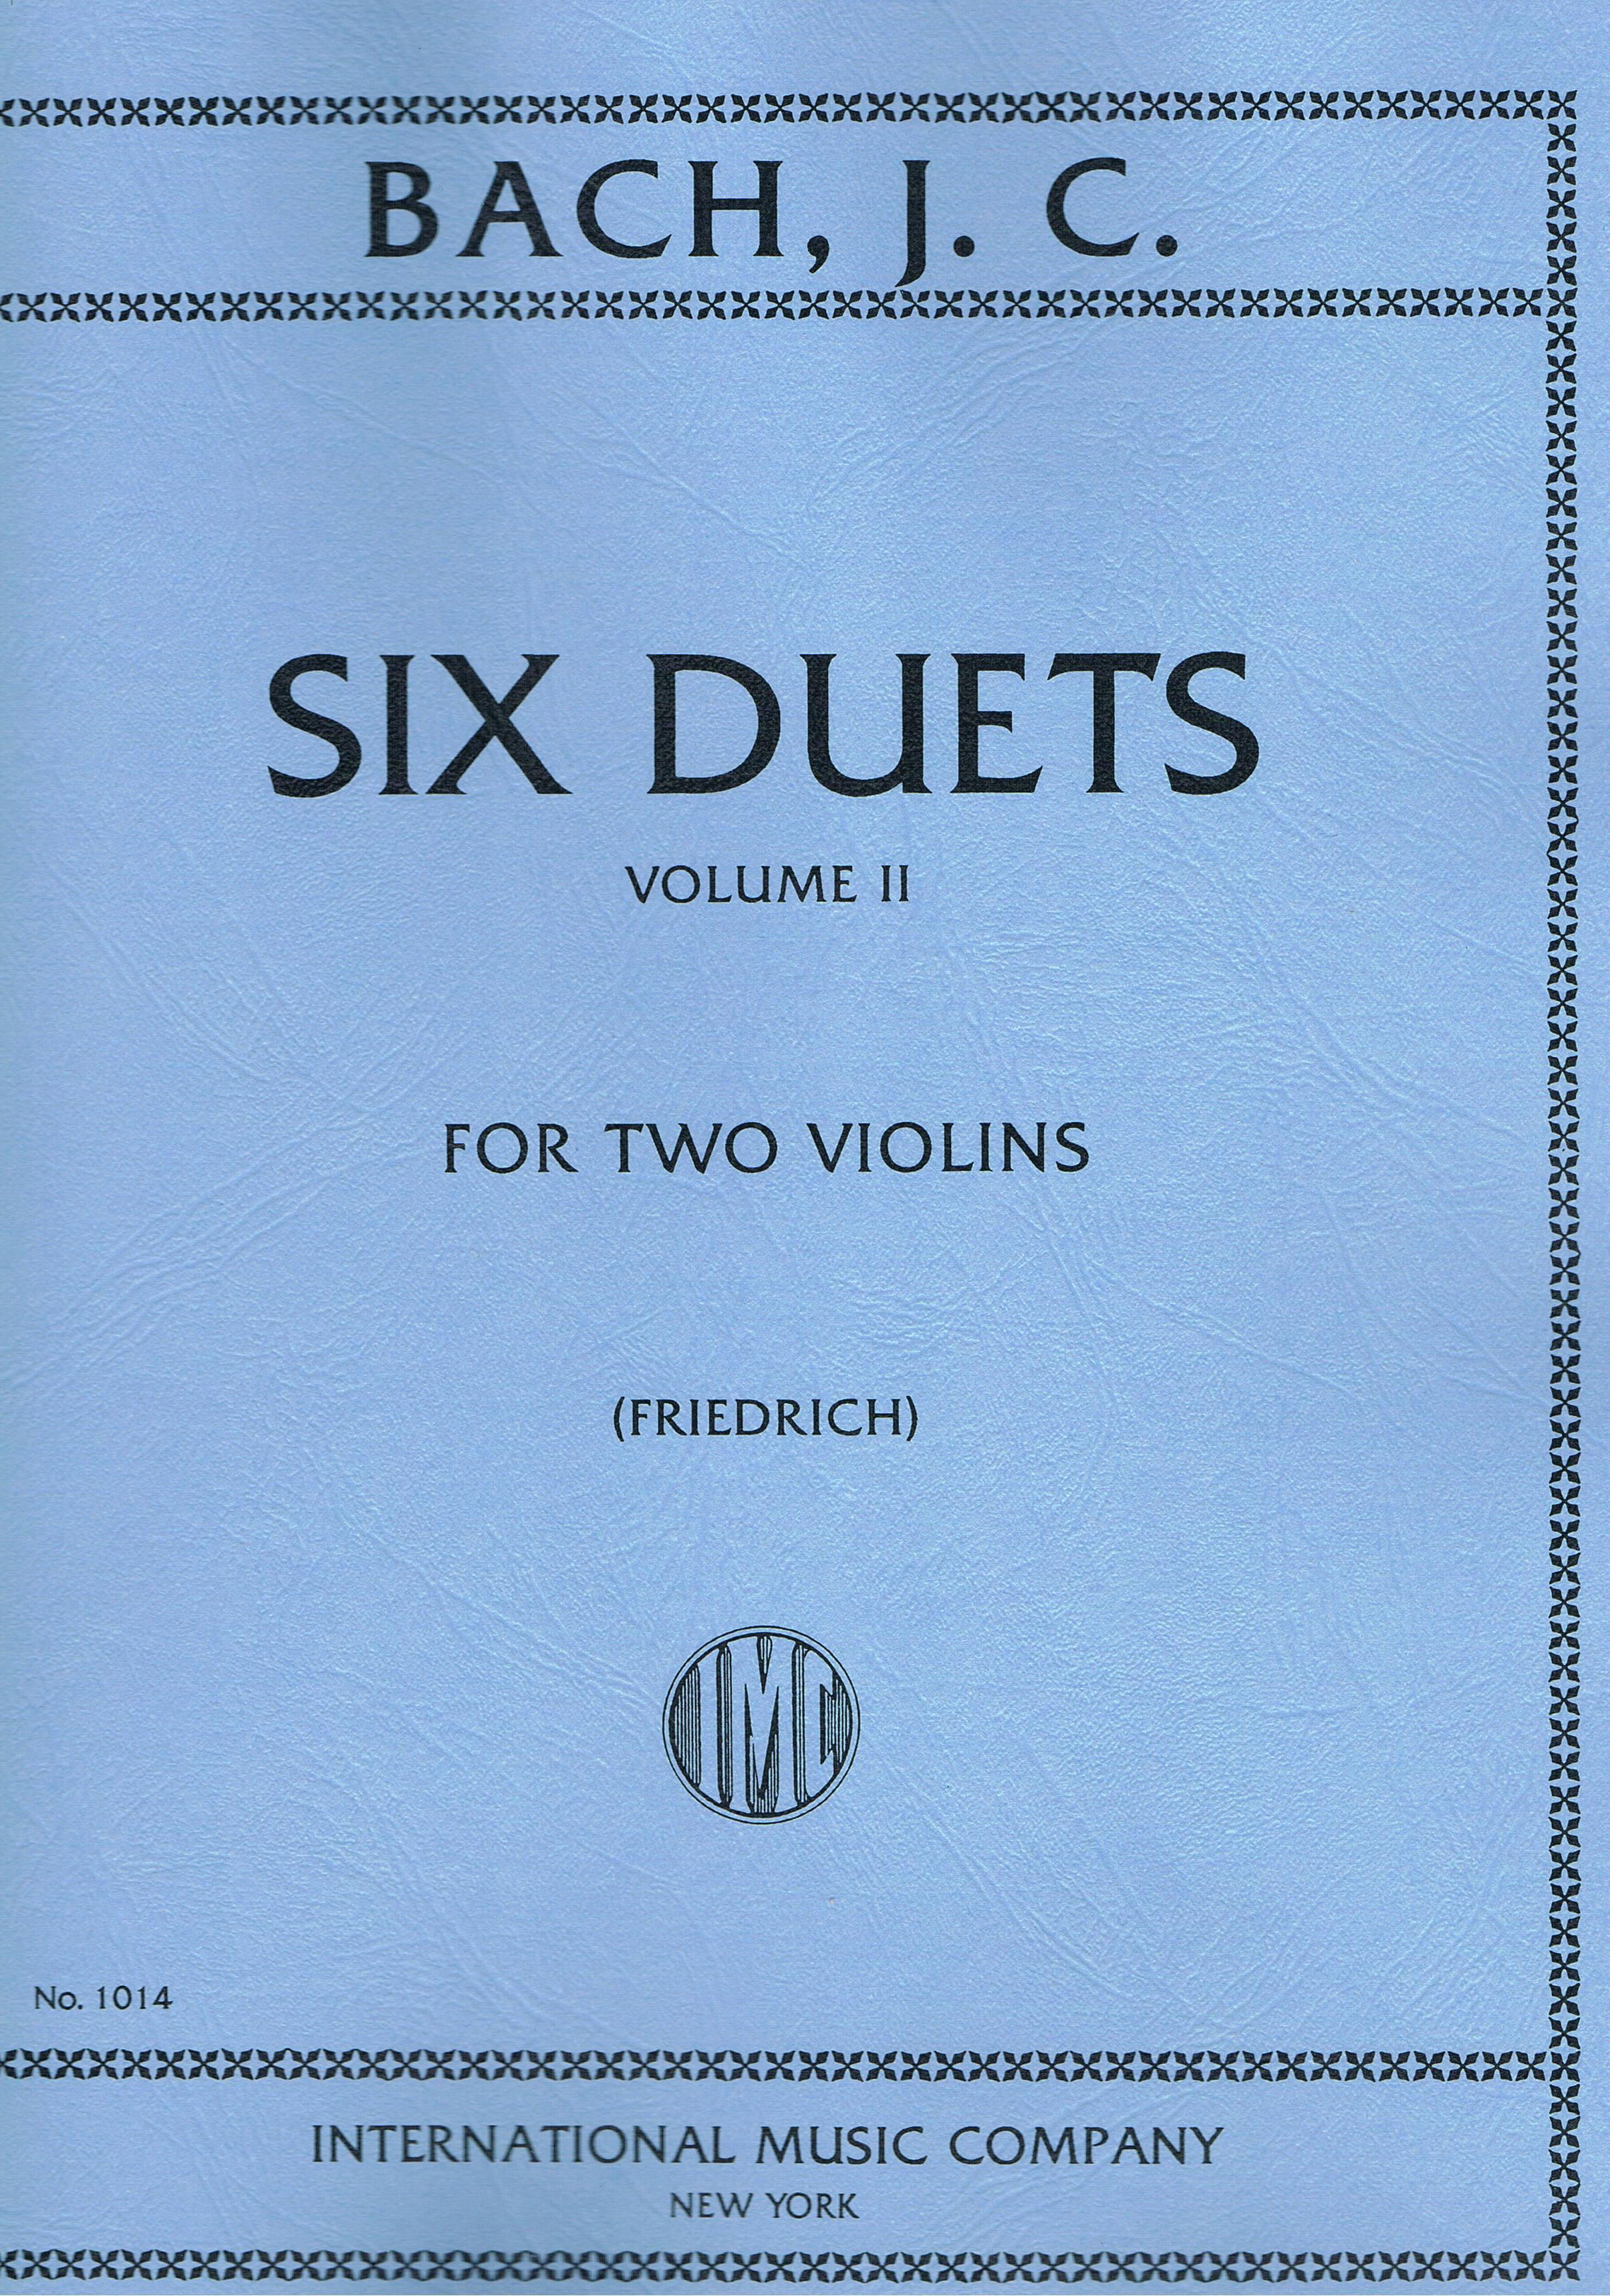 6 duetos vol 2